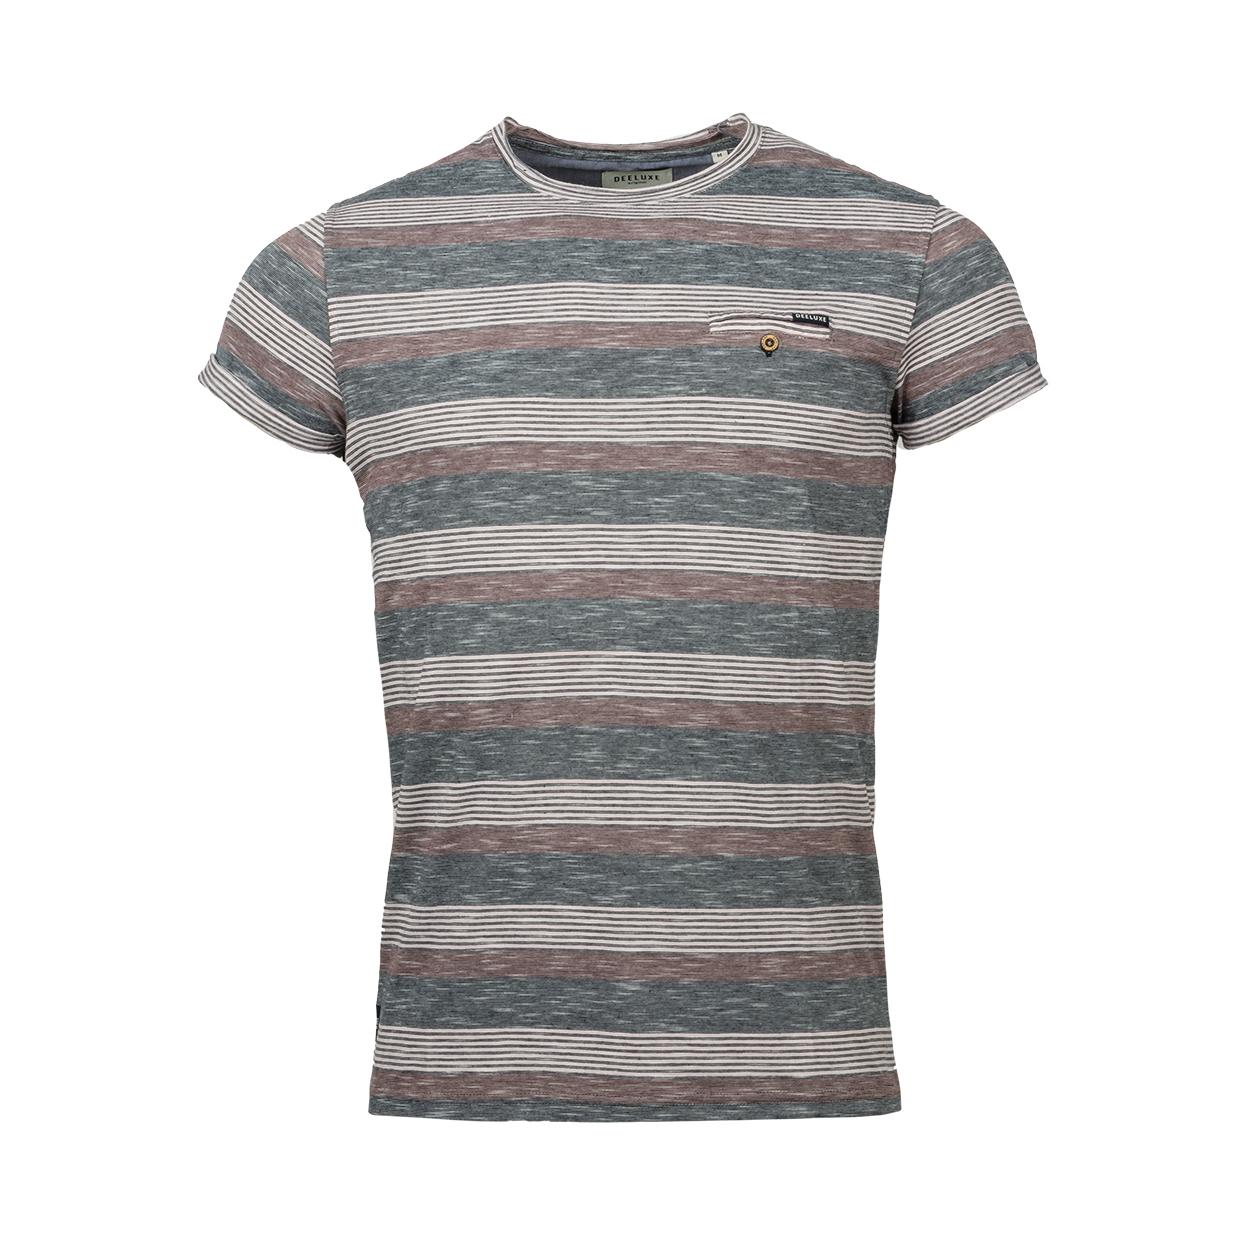 Tee-shirt col rond deeluxe est.74 craft en coton mélangé bleu chiné rayé bordeaux